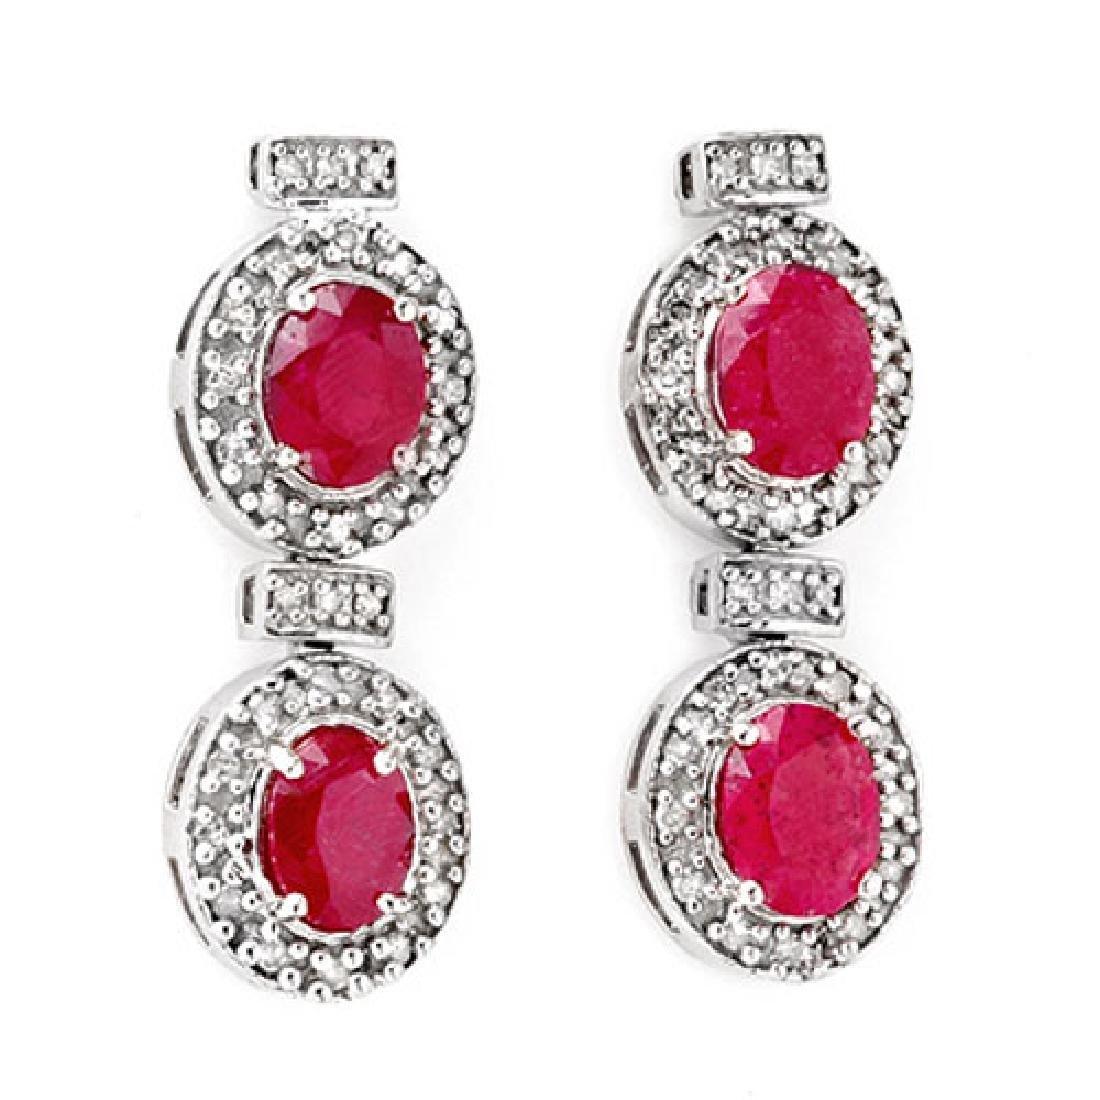 6.75 CTW Ruby & Diamond Earrings 14K White Gold